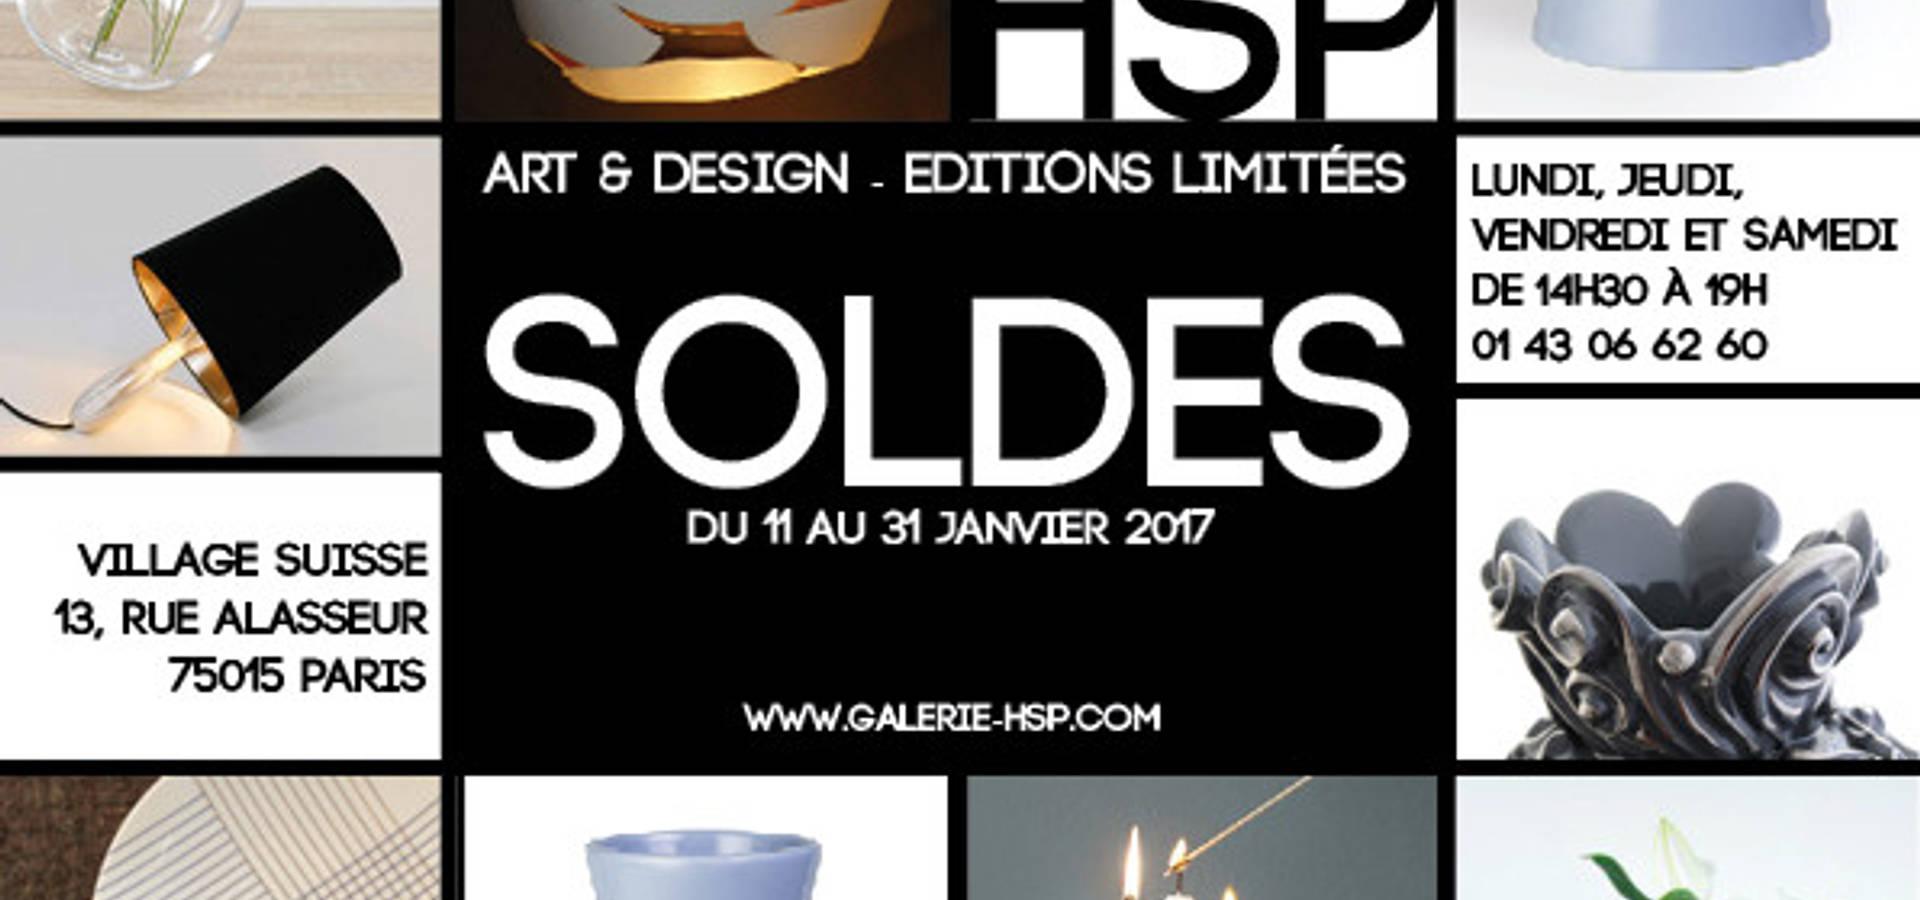 Galerie HSP